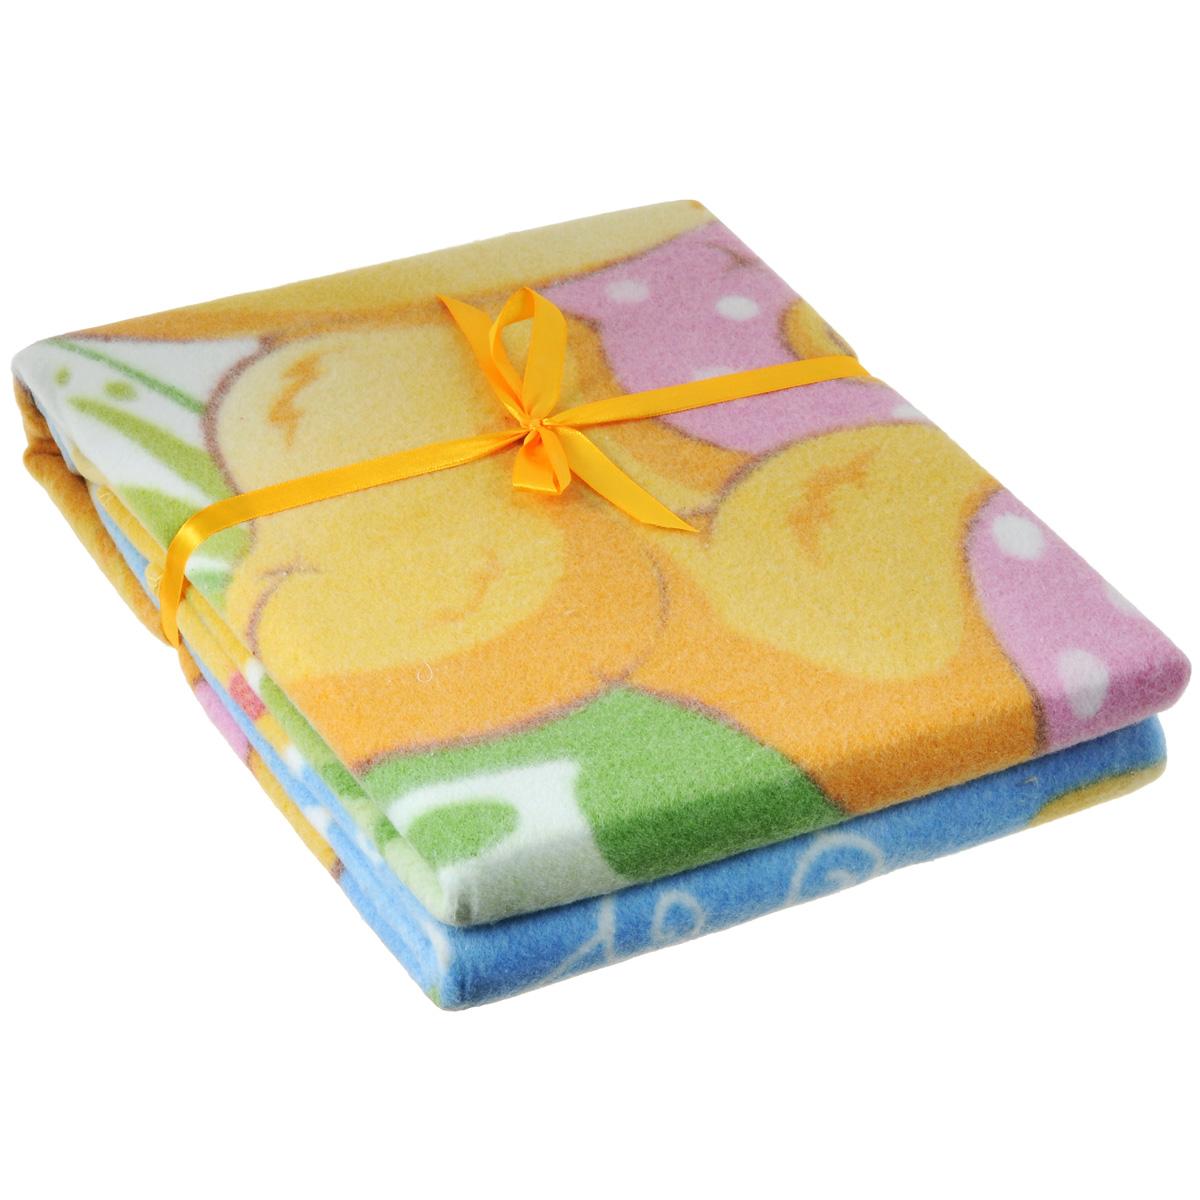 Одеяло детское Baby Nice Солнечный мишка, байковое, цвет: желтый, 85 см x 115 смD111511Детское байковое одеяло Baby Nice Солнечный мишка изготовлено из натурального 100% хлопка и оформлено ярким рисунком. Такое одеяло будет бережно хранить безмятежный сон вашего ребенка. Ребенок, спящий под байковым одеялом, словно укрытый нежным мягким облаком, находится в тепле, и не потеет при этом. Дышащая способность натурального хлопка позволяет добиться такого эффекта. Легкий по ощущениям материал имеет небольшой вес, но вместе с тем, является плотным и хорошо сохраняет тепло. Кроме того, ткань гигроскопична, а значит впитывает избыточную влагу, не становясь при этом влажной на ощупь. Детское одеяло Baby Nice Солнечный мишка - лучший выбор для тех, кто стремится проявить заботу о своем ребенке. Материал: 100% хлопок. Размер: 85 см х 115 см.